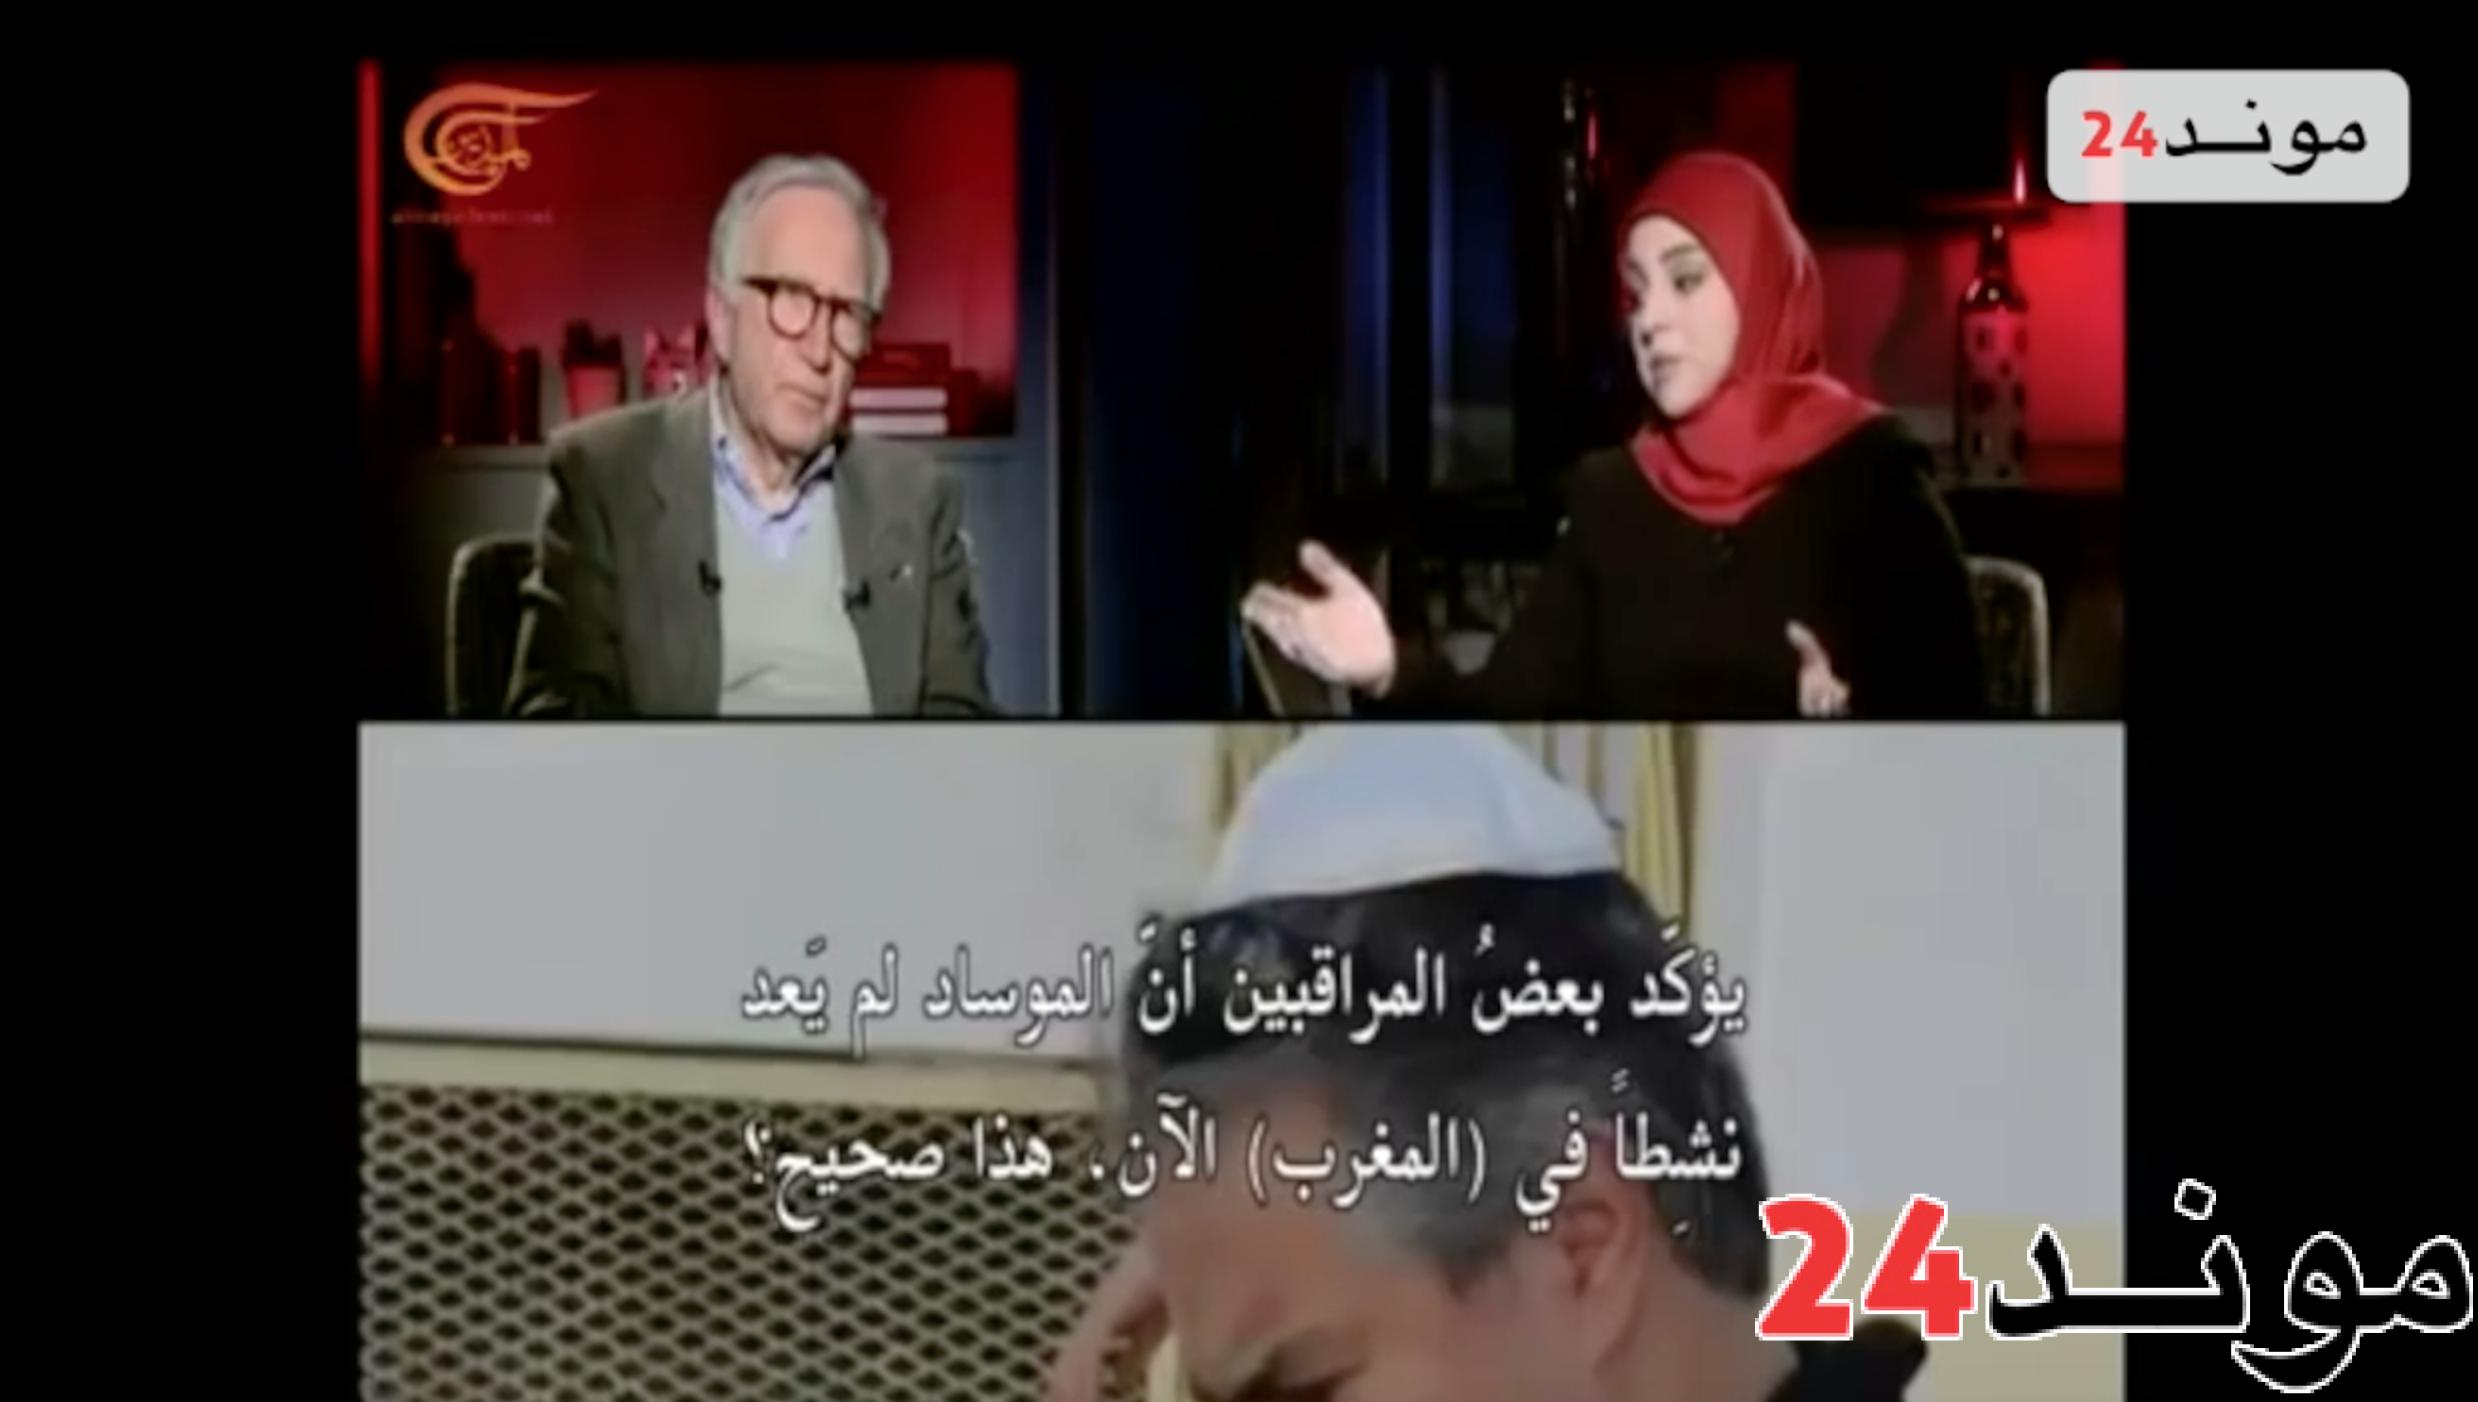 المفكر اليهودي يعقوب كوهين: الموساد ينشط في المغرب ويحاول استقطاب شباب الأمازيغ-فيديو